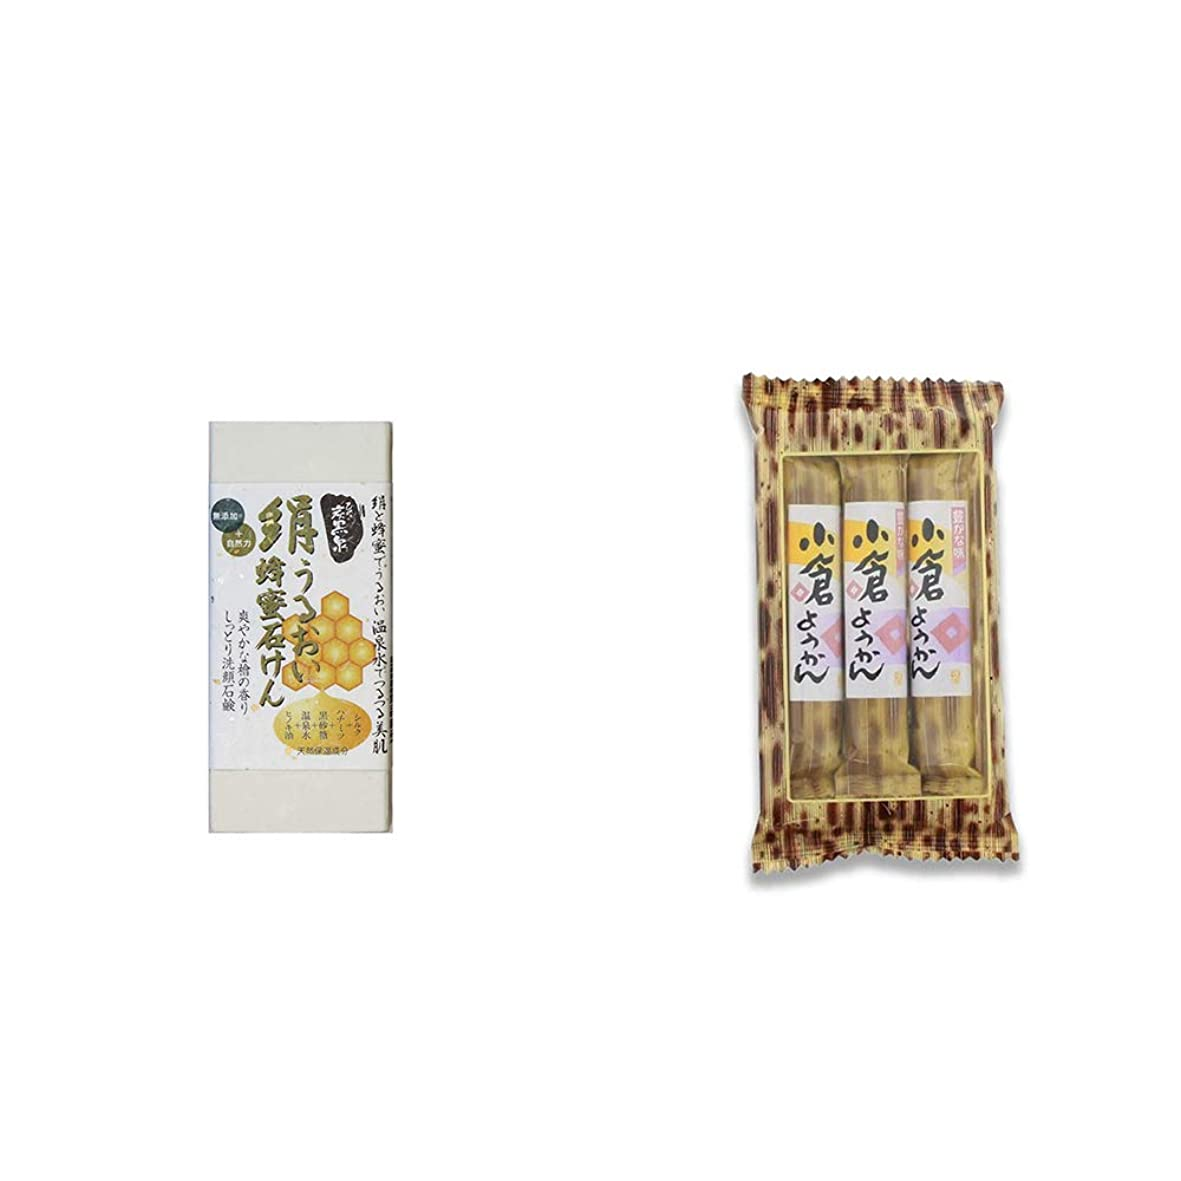 に対処するボトルネック層[2点セット] ひのき炭黒泉 絹うるおい蜂蜜石けん(75g×2)?スティックようかん[小倉](50g×3本)